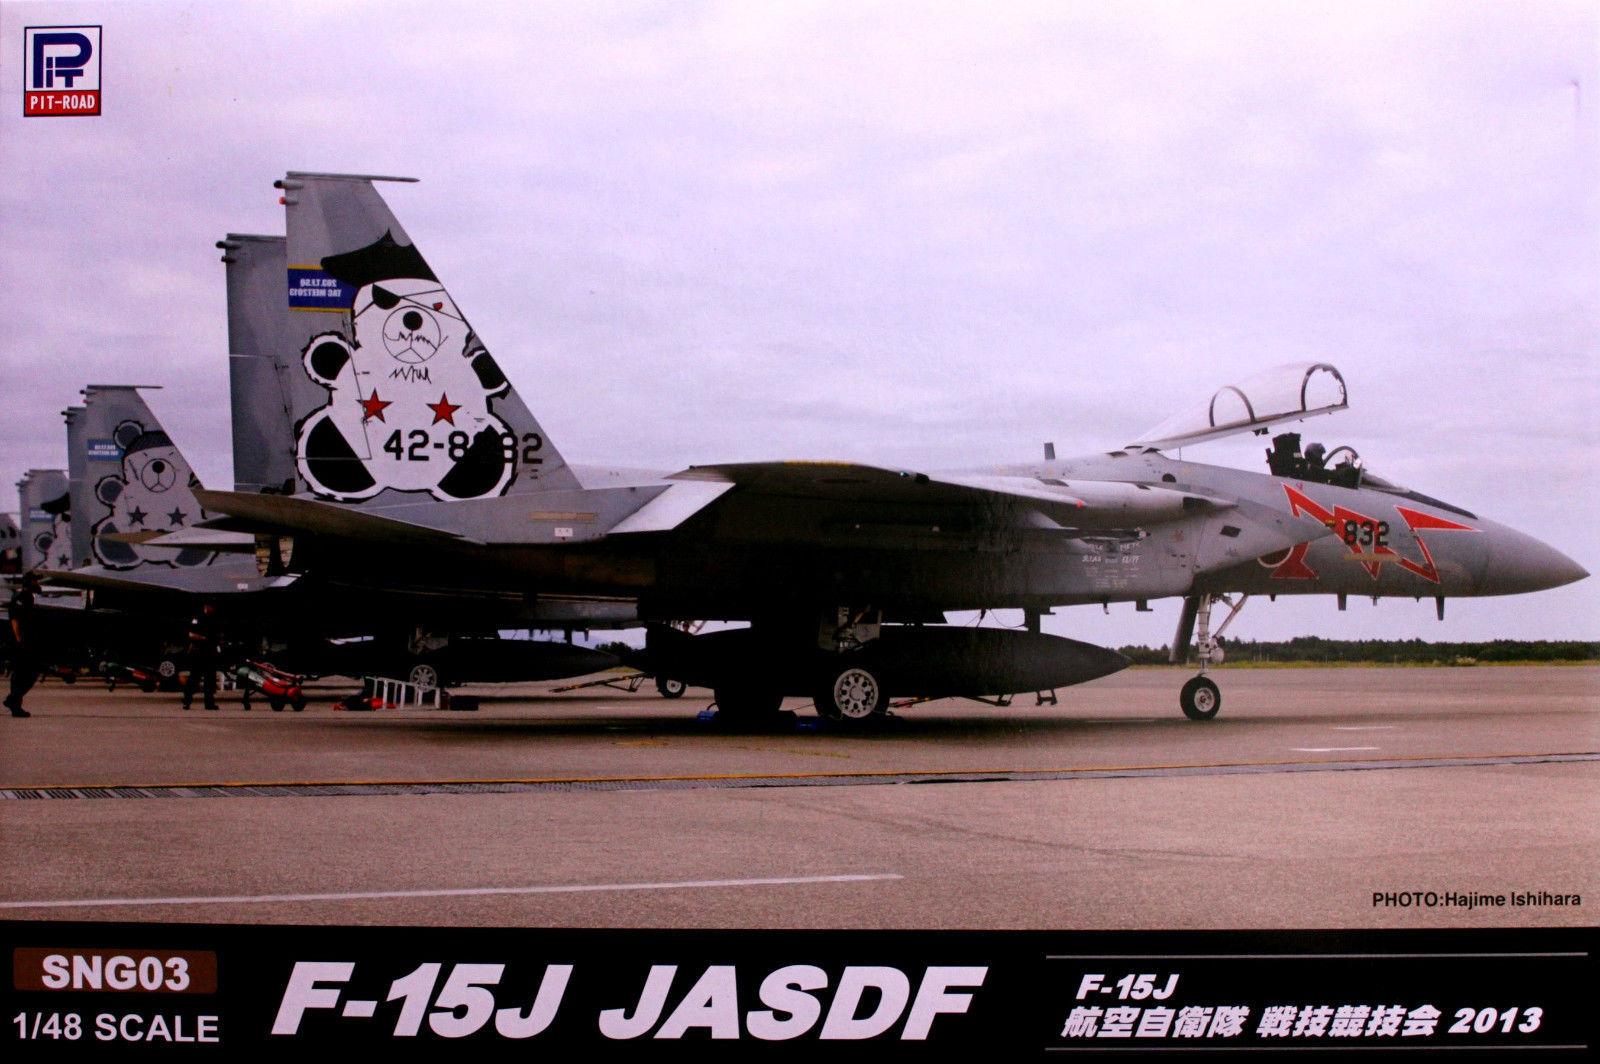 de moda GREAT WALL HOBBY F-15J JASDF Scala 1 48 48 48 Cod.GWHSNG03  marcas en línea venta barata